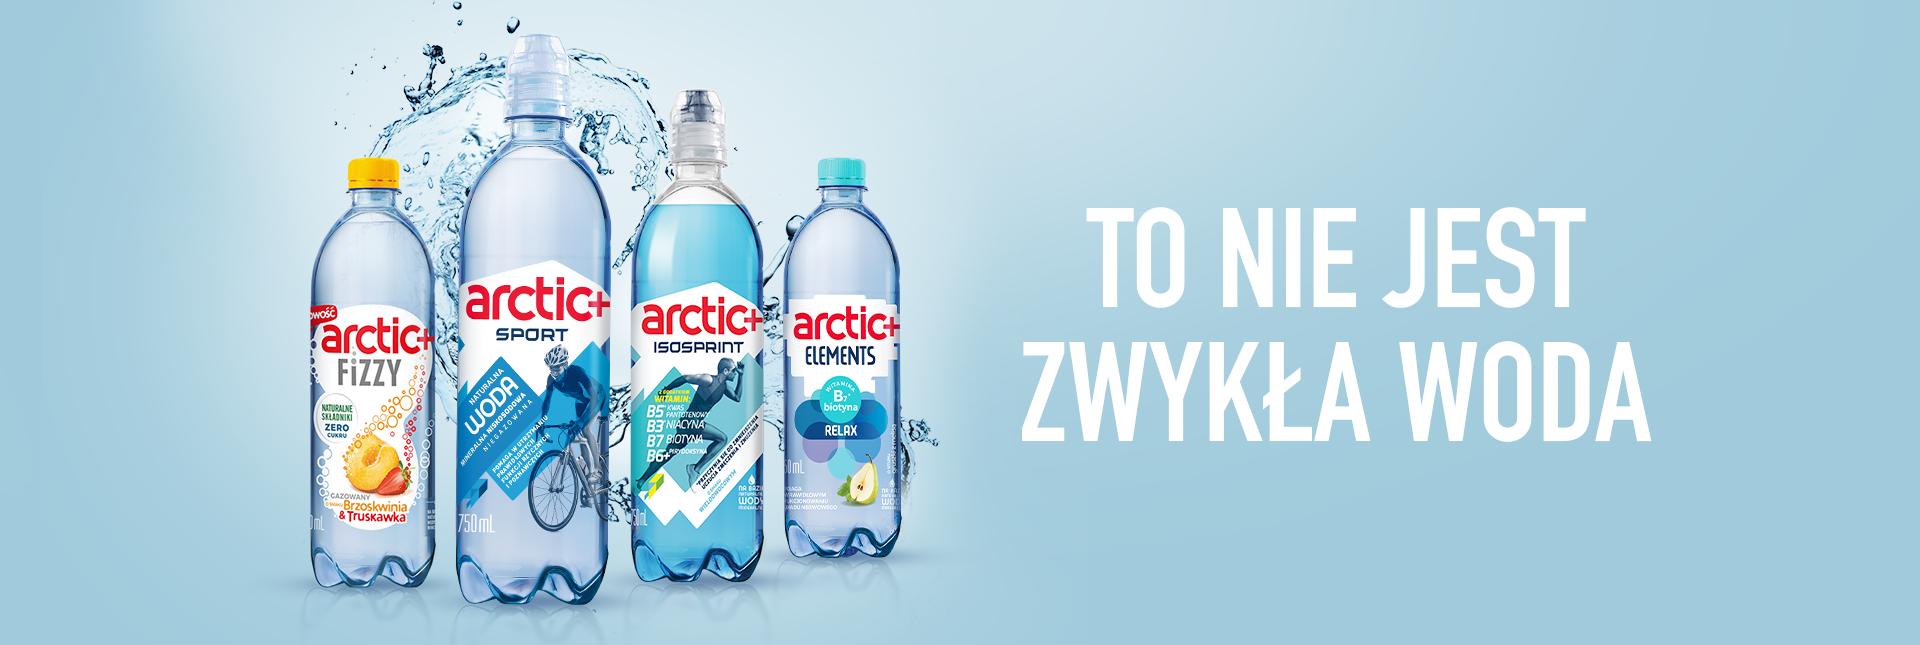 To nie jest zwykła woda! Hand Made  z kampanią wody Arctic+